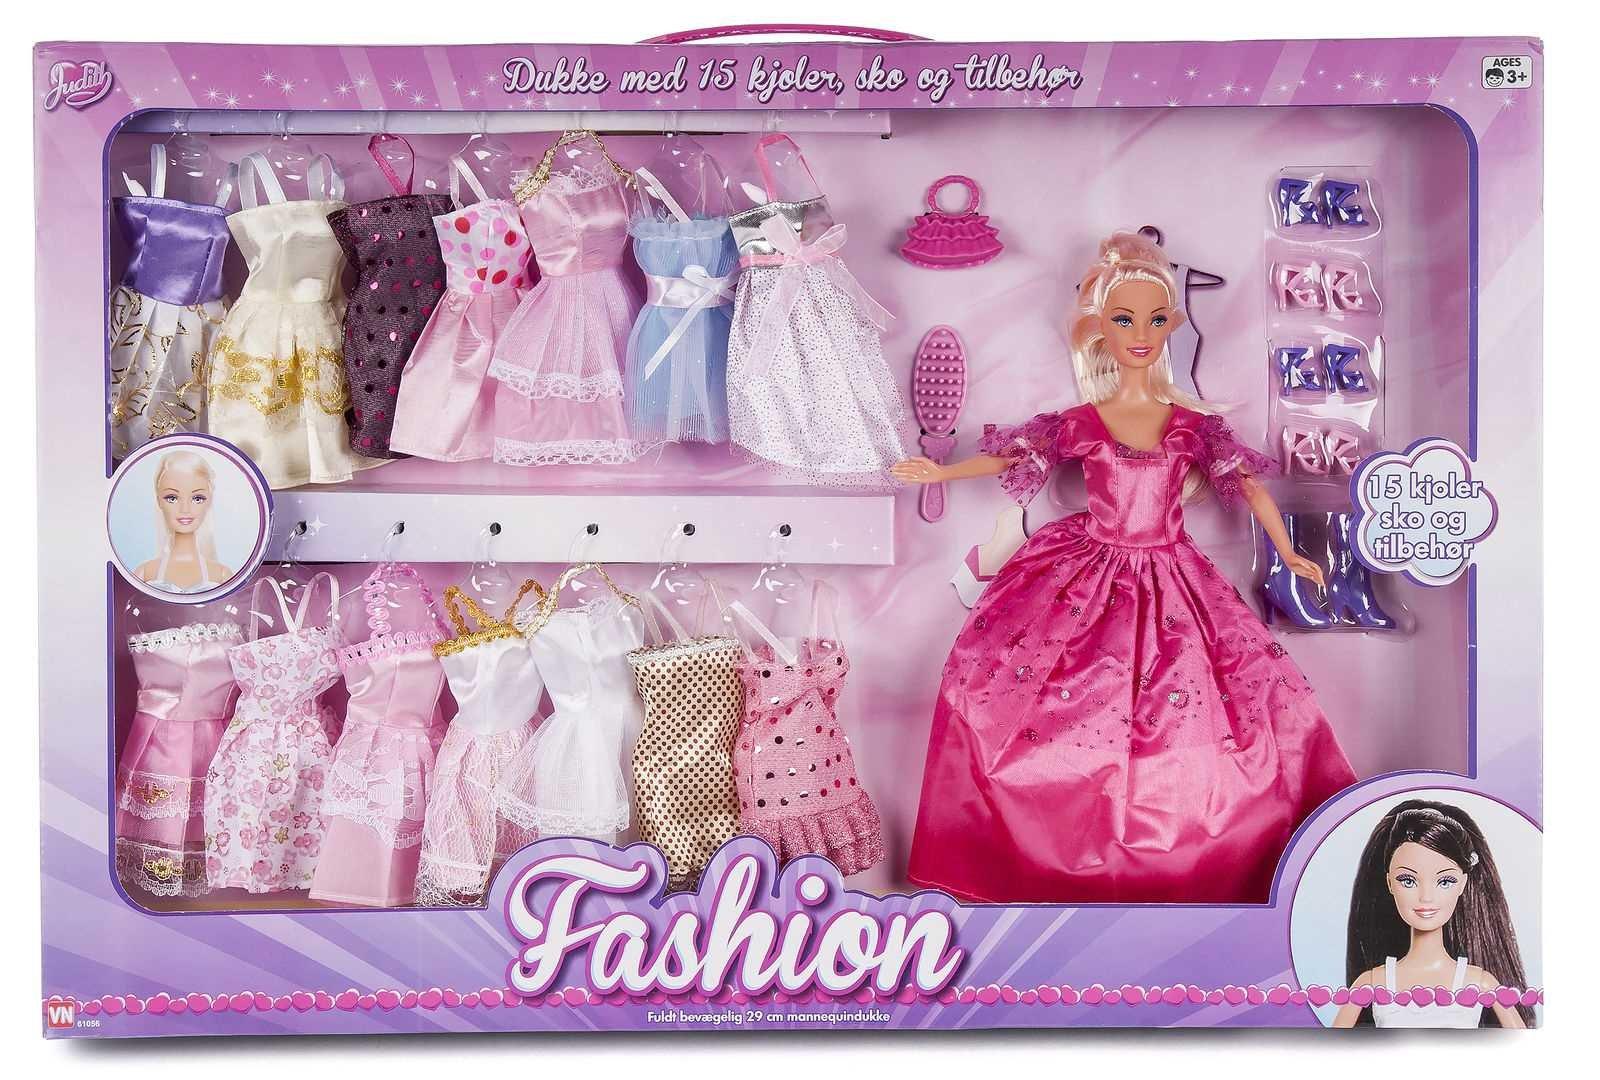 Judith Fashion kjoler